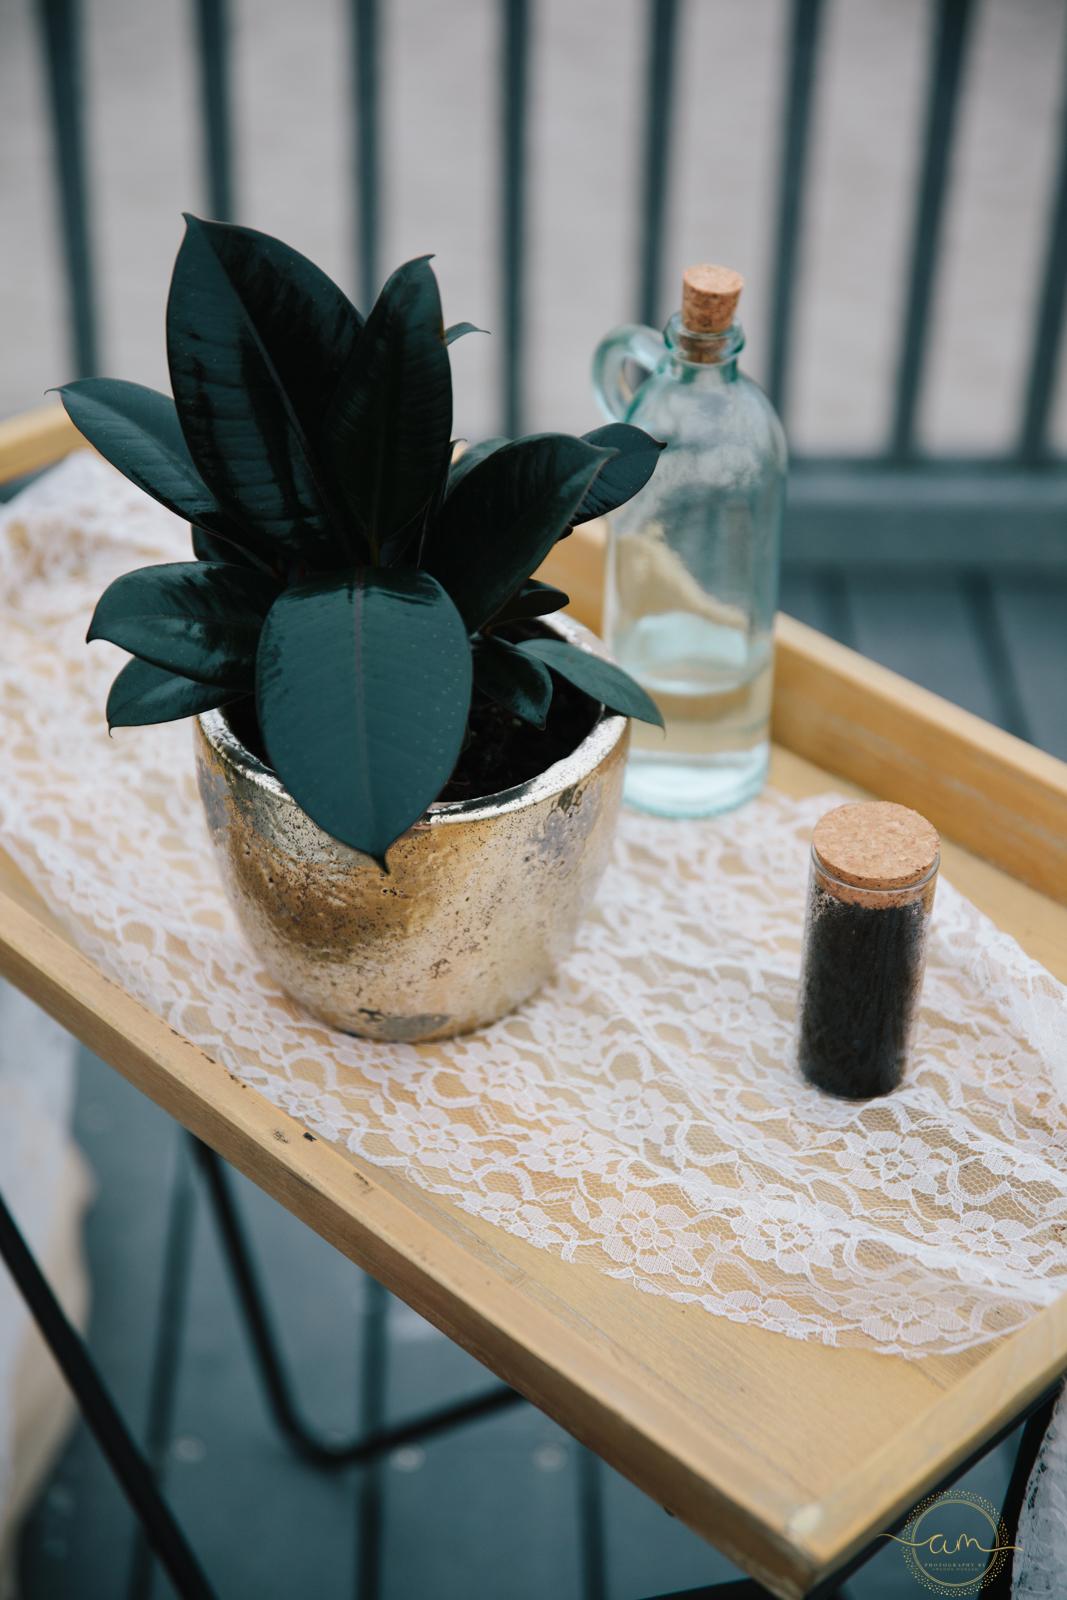 Narragansett-RI-Beach-Wedding-Amanda-Morgan-45.jpg